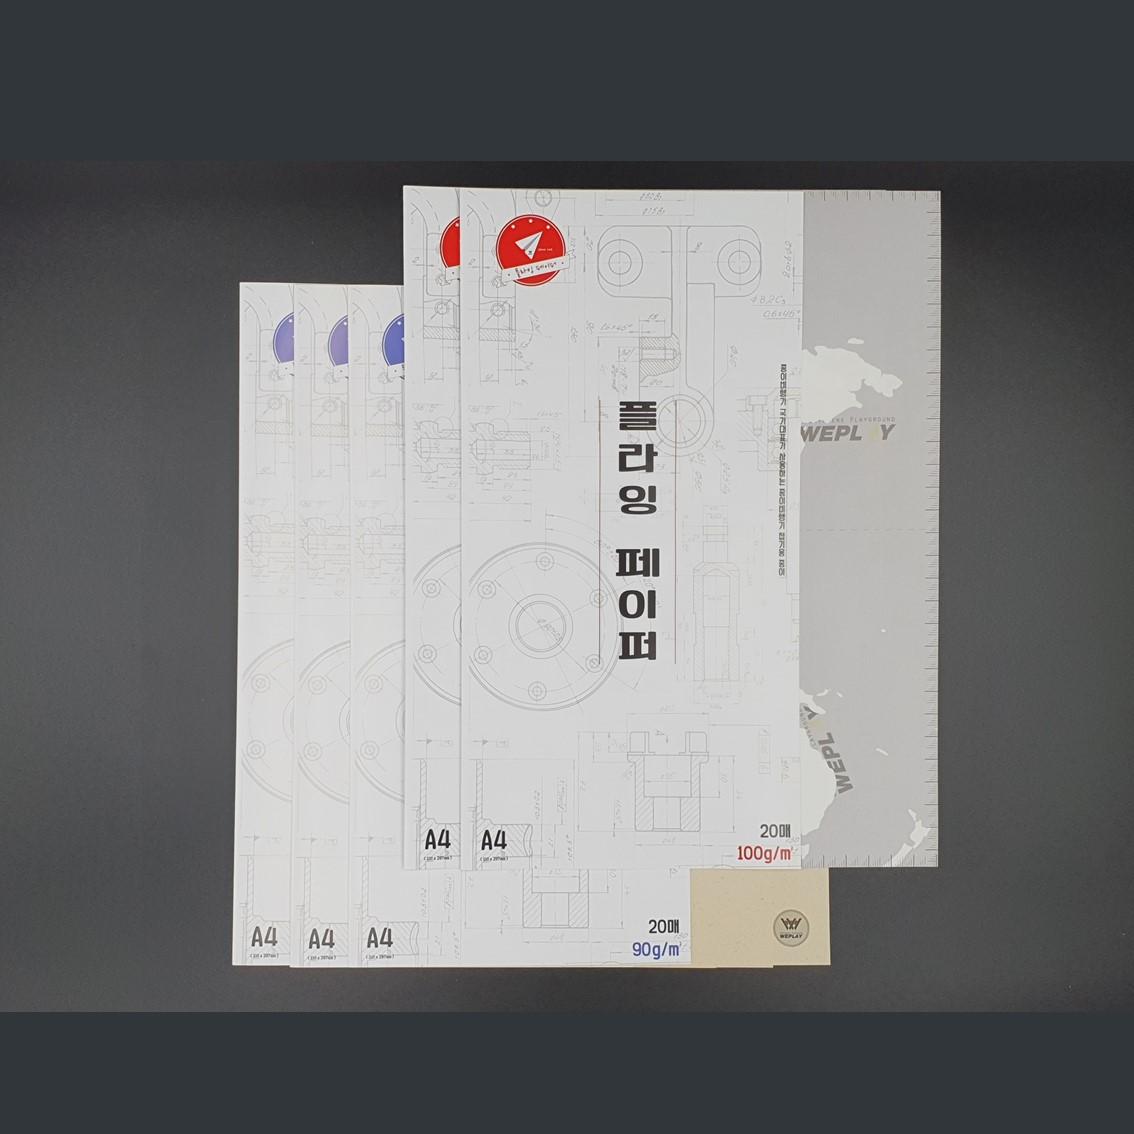 종이비행기 국가대표 종이비행기 전용 종이 플라잉 페이퍼